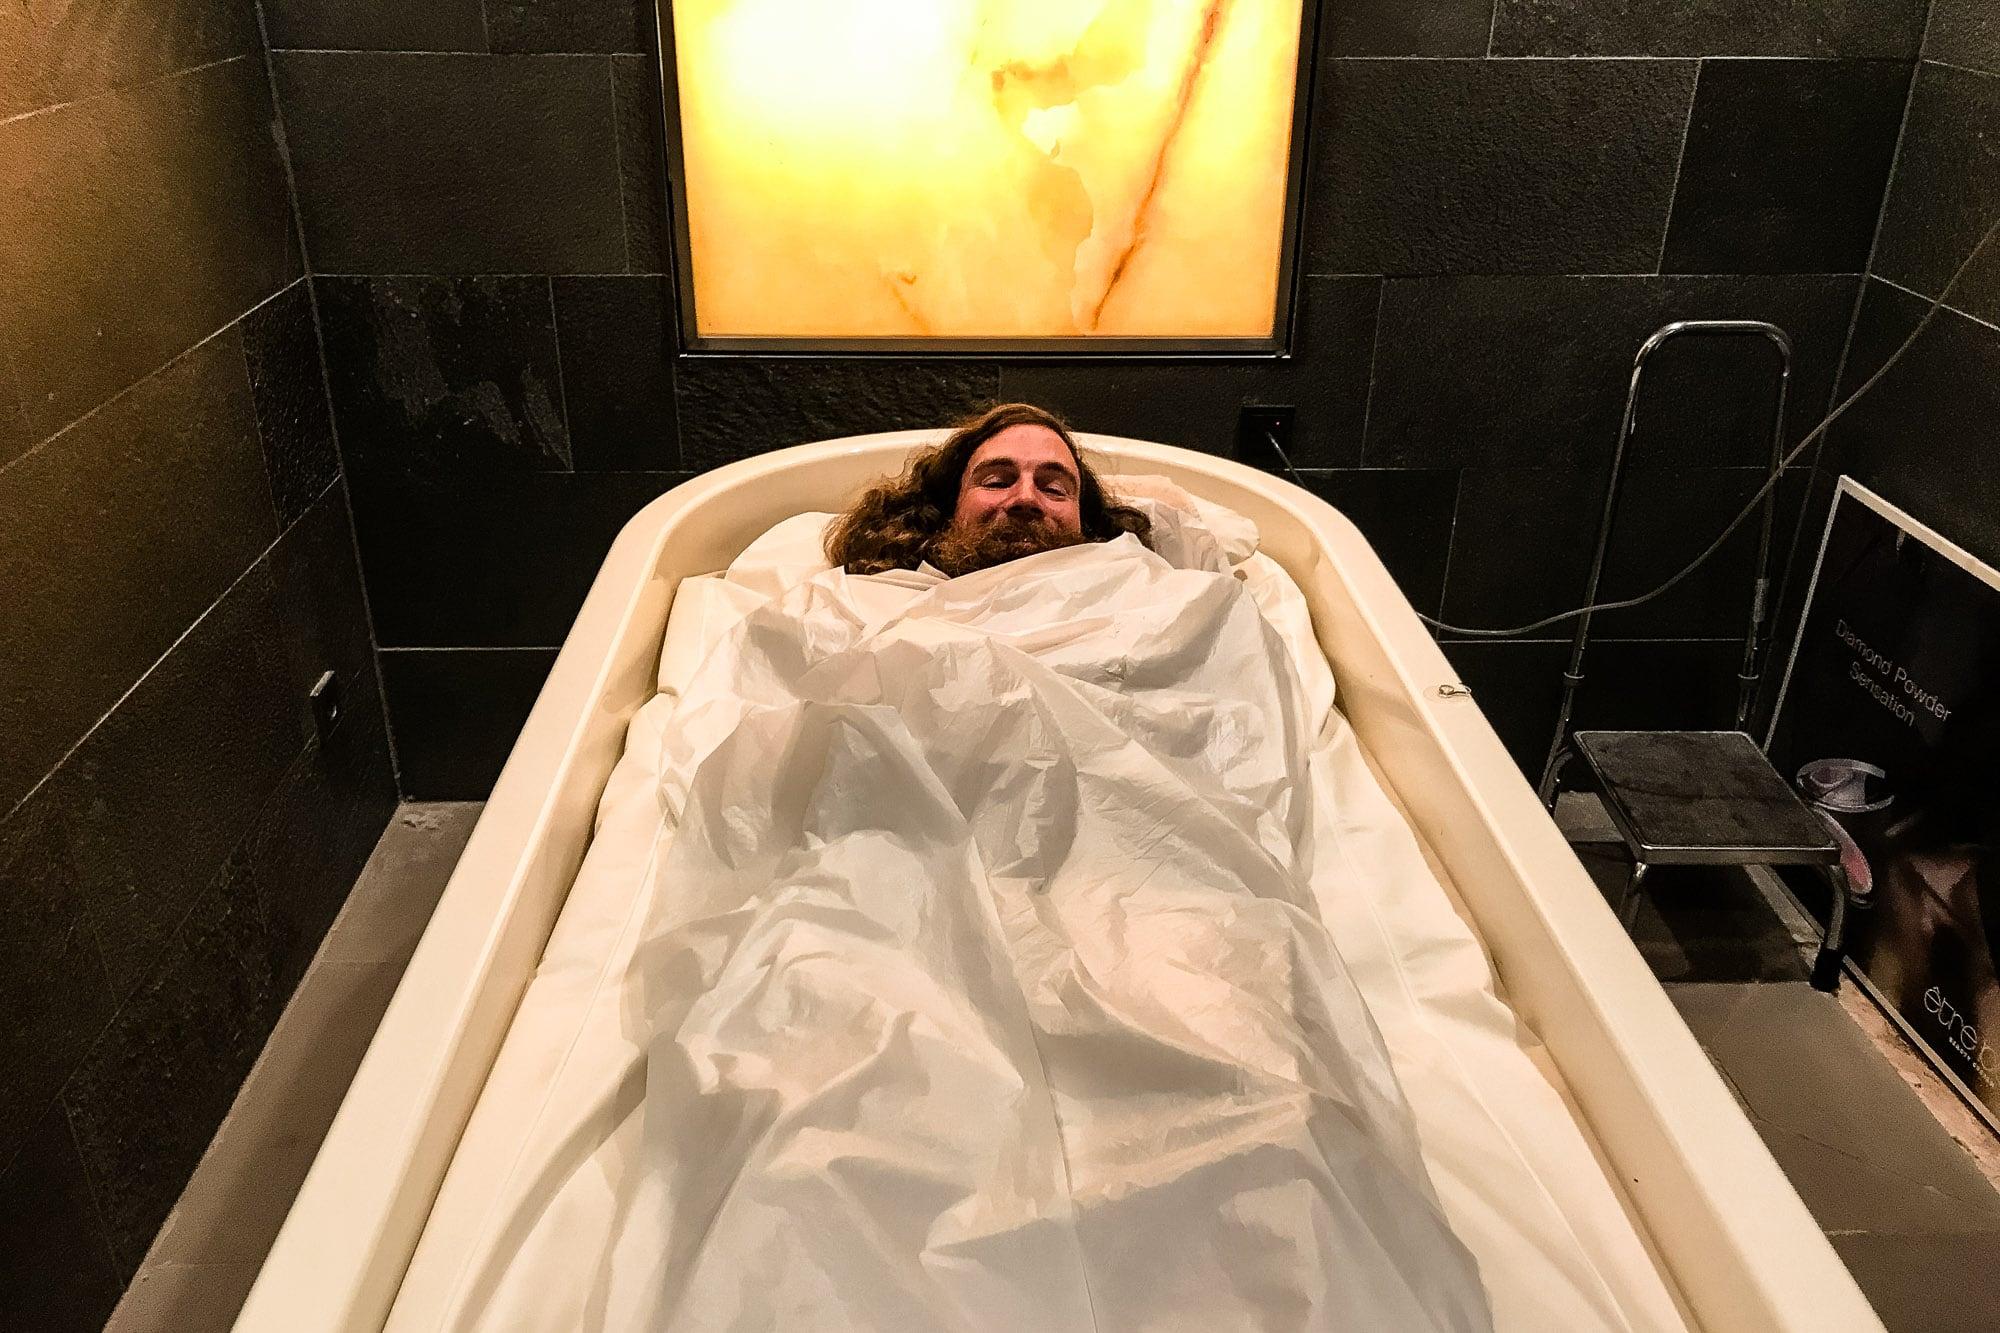 mud bath therapy